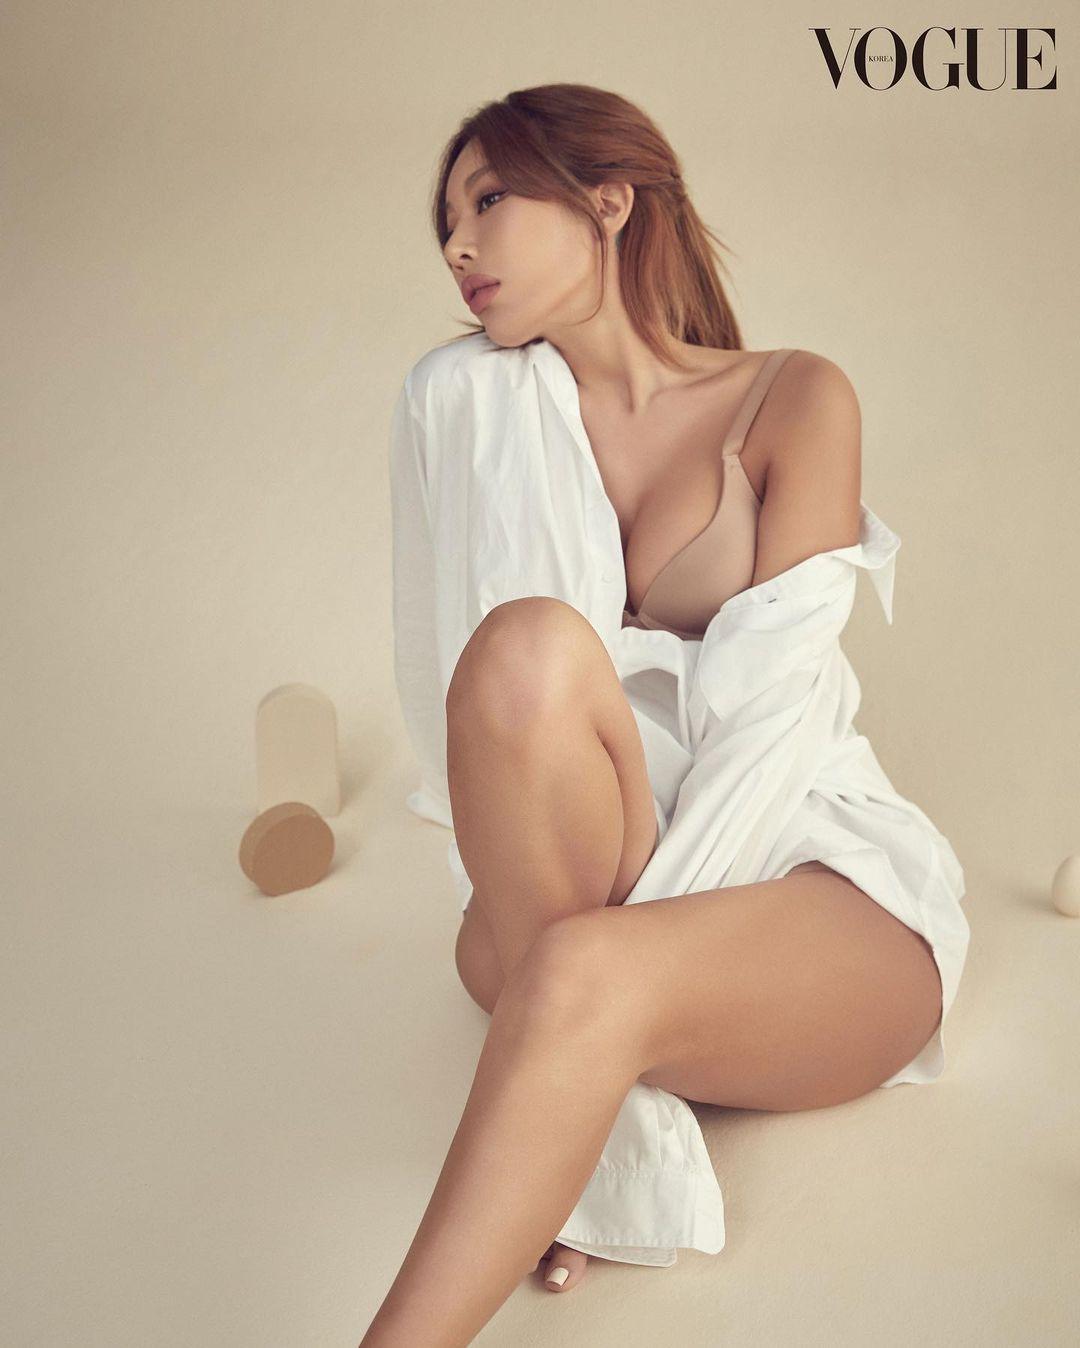 Jessi, underwear pictorial, healthy volume body